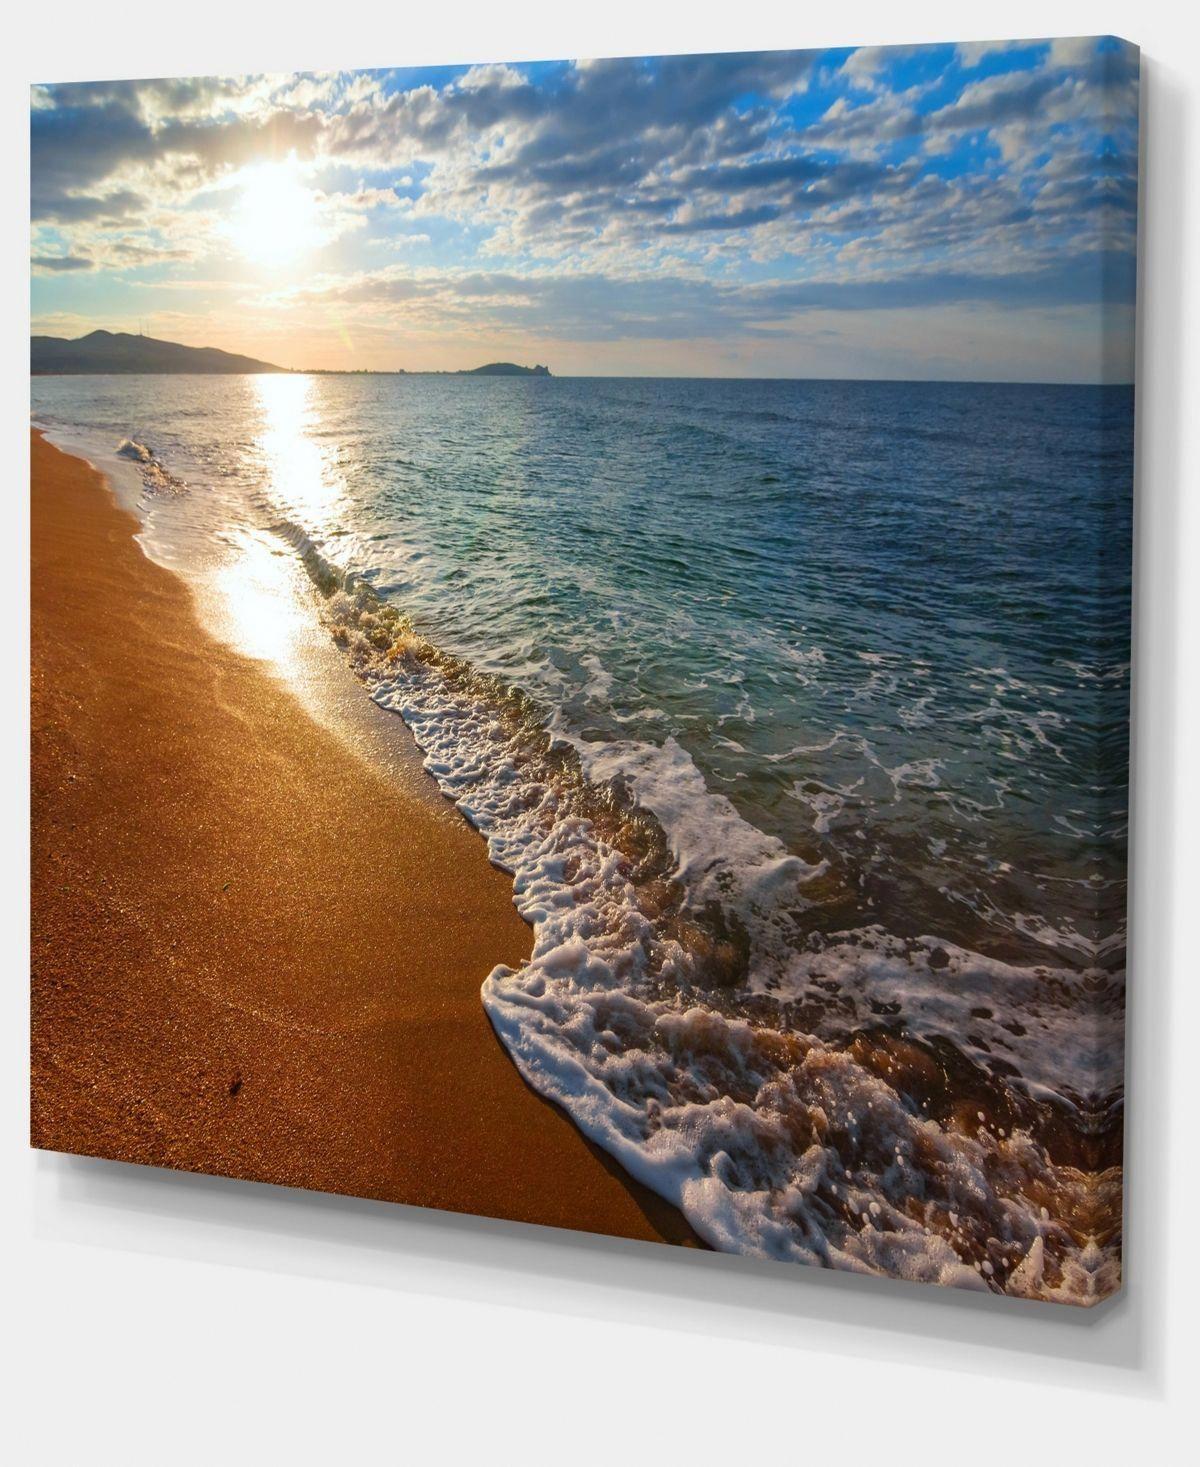 Big Island Beaches: Tropical Beaches In California